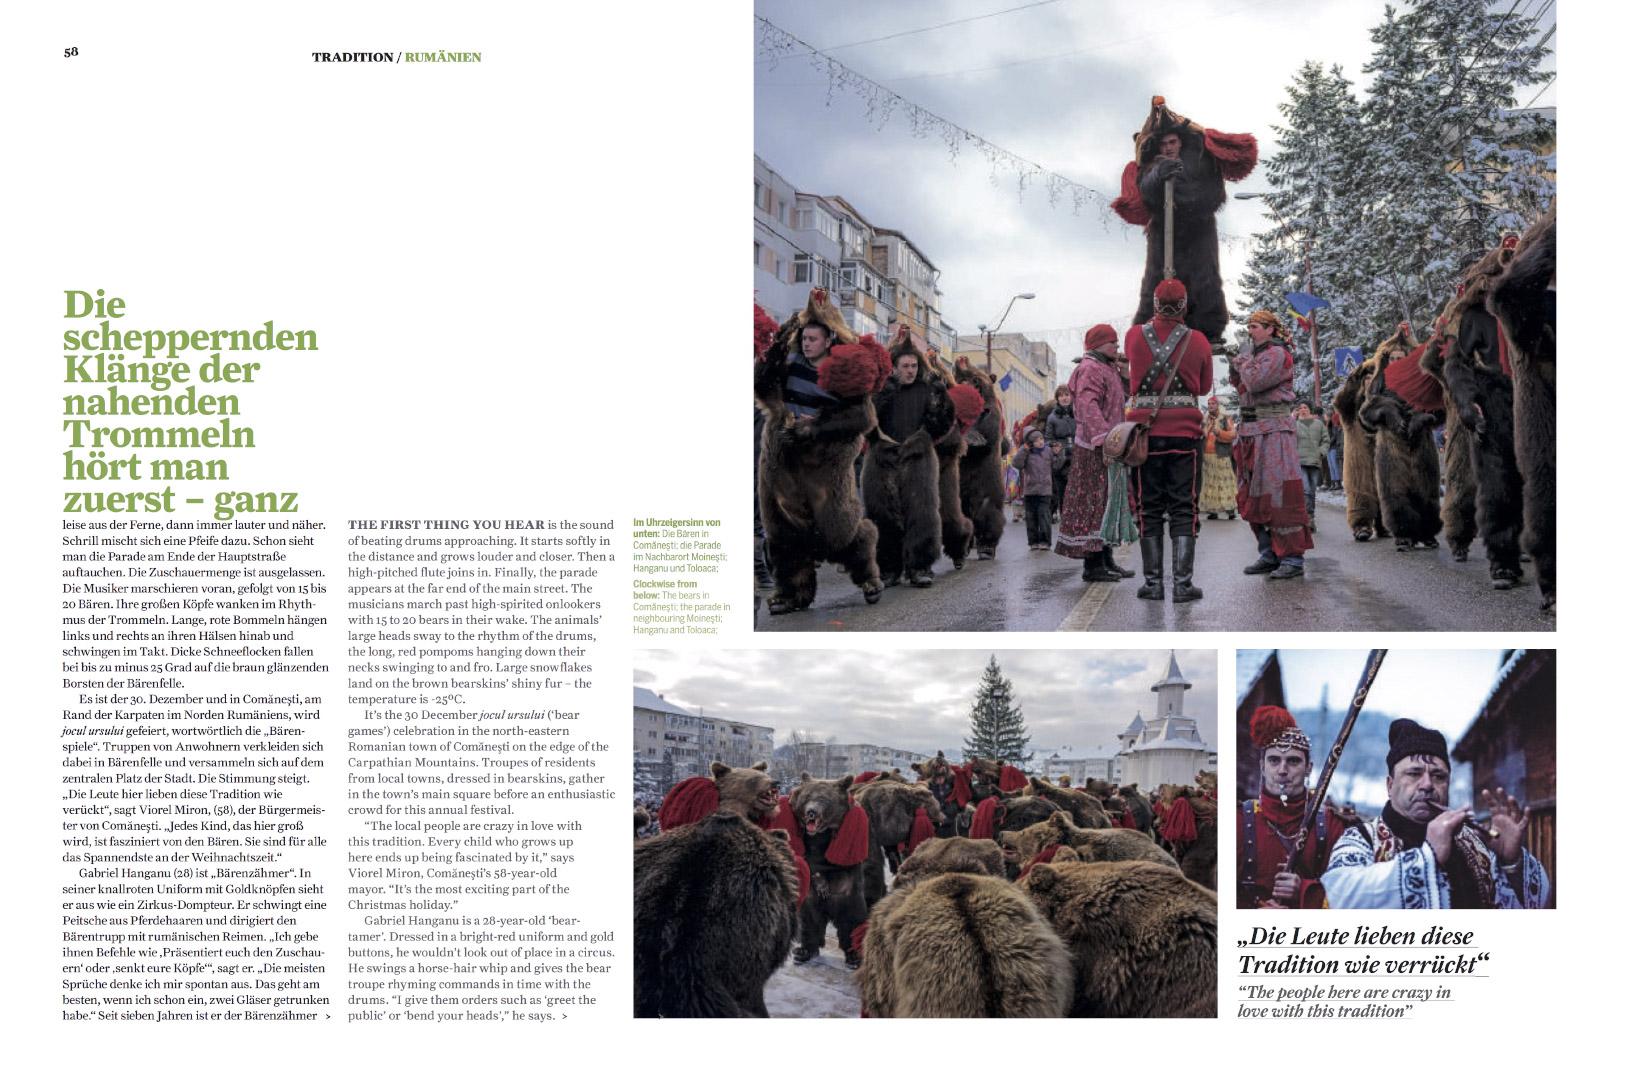 Da steppt der bar  (Follow the bear)  | Airberlin Magazine, Dec 2016, pages 4, 56-64